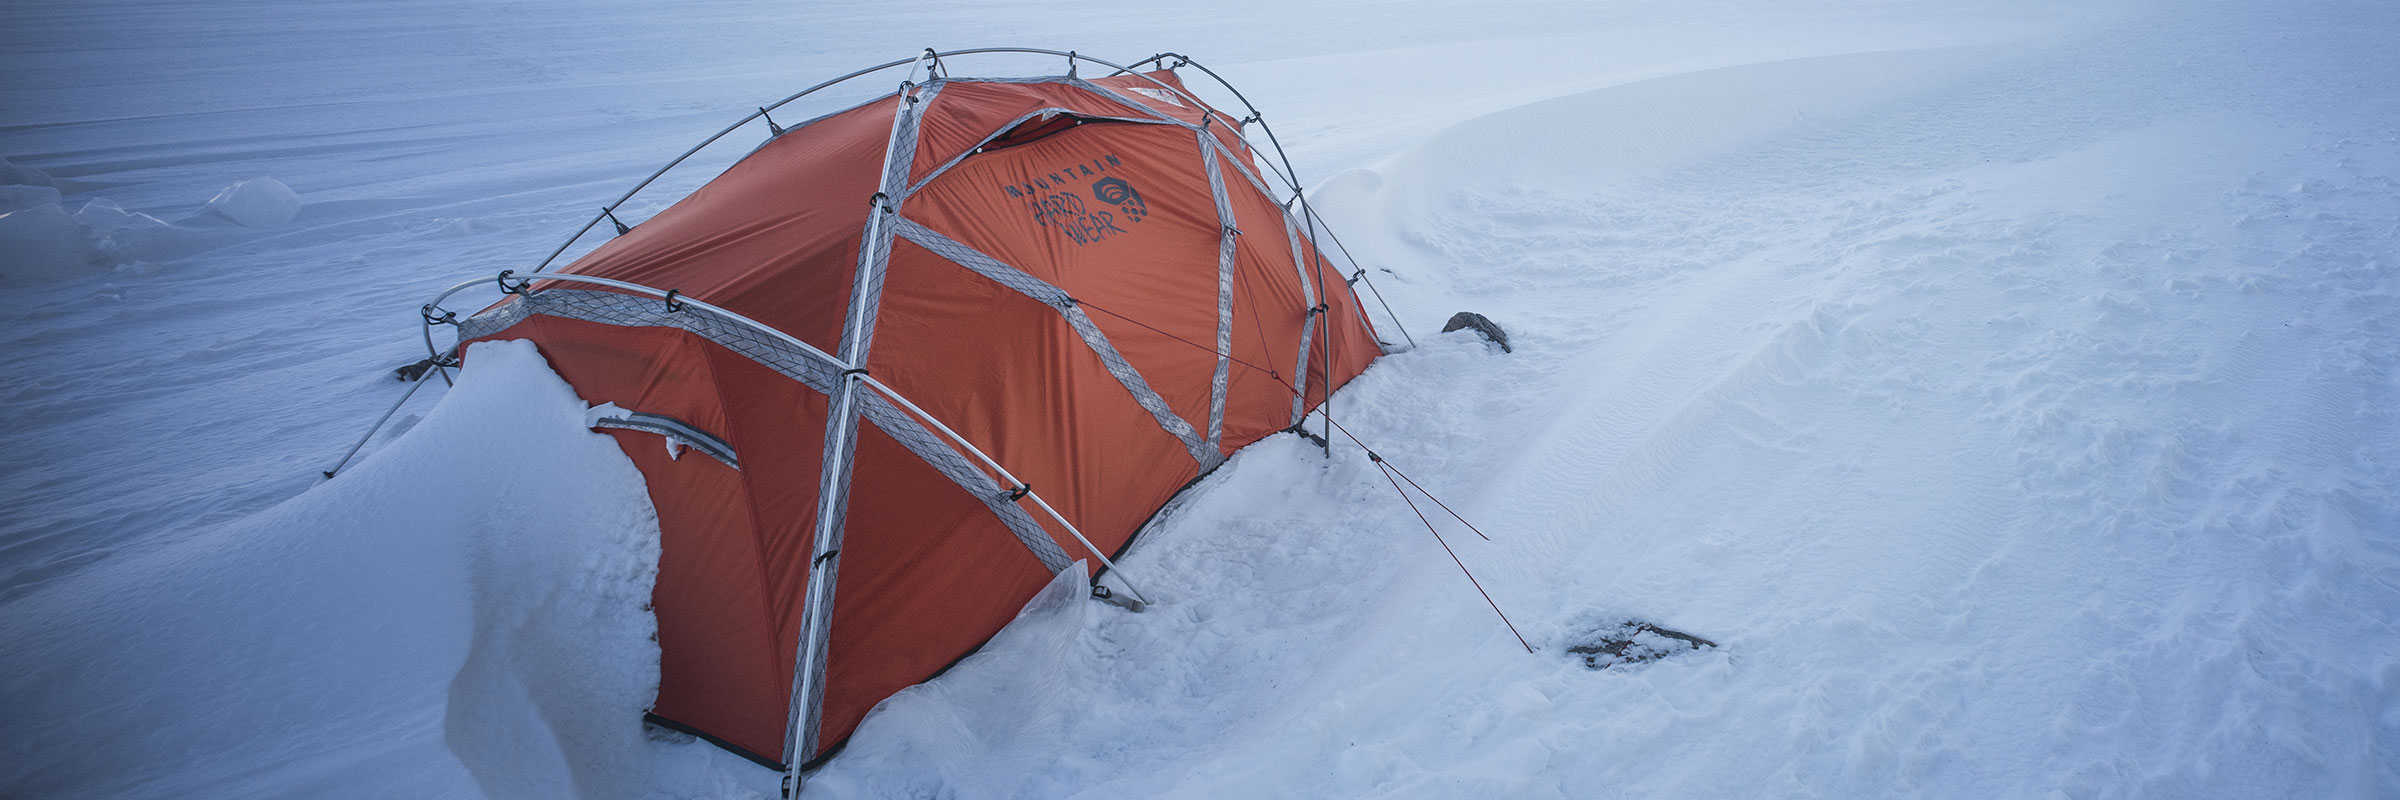 Camping d'hiver: comment choisir la bonne tente ?